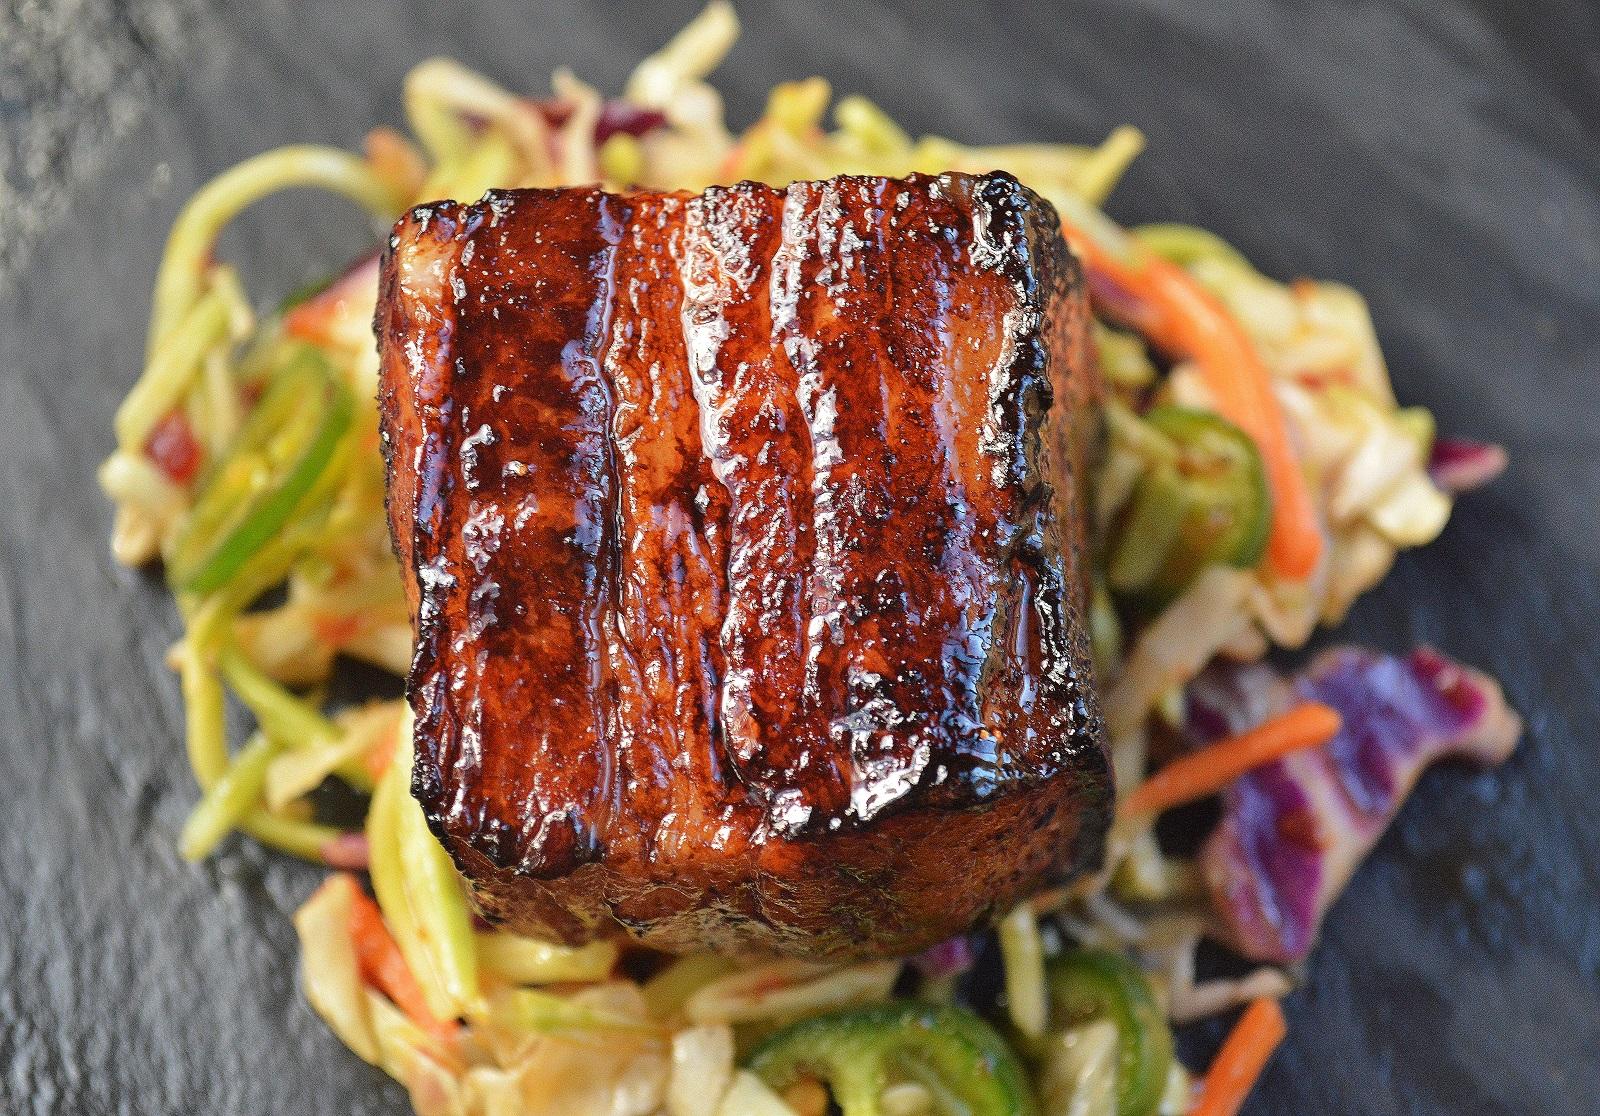 Slow Roasted Pork Belly Bites over Jalapeno Slaw.